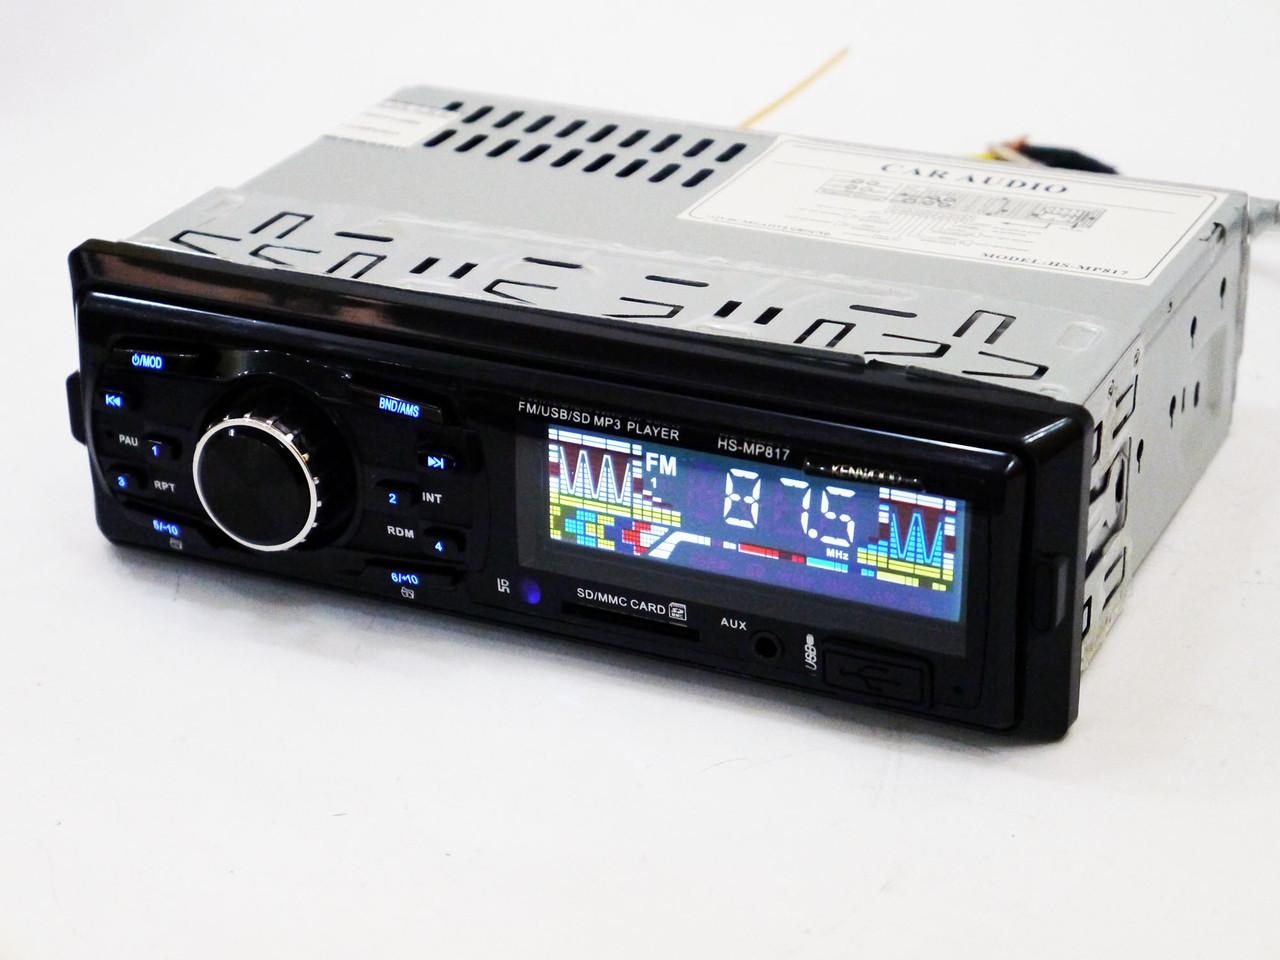 Автомагнитола Kenwood HS-MP817 - MP3 Player+FM+USB+SD+AUX